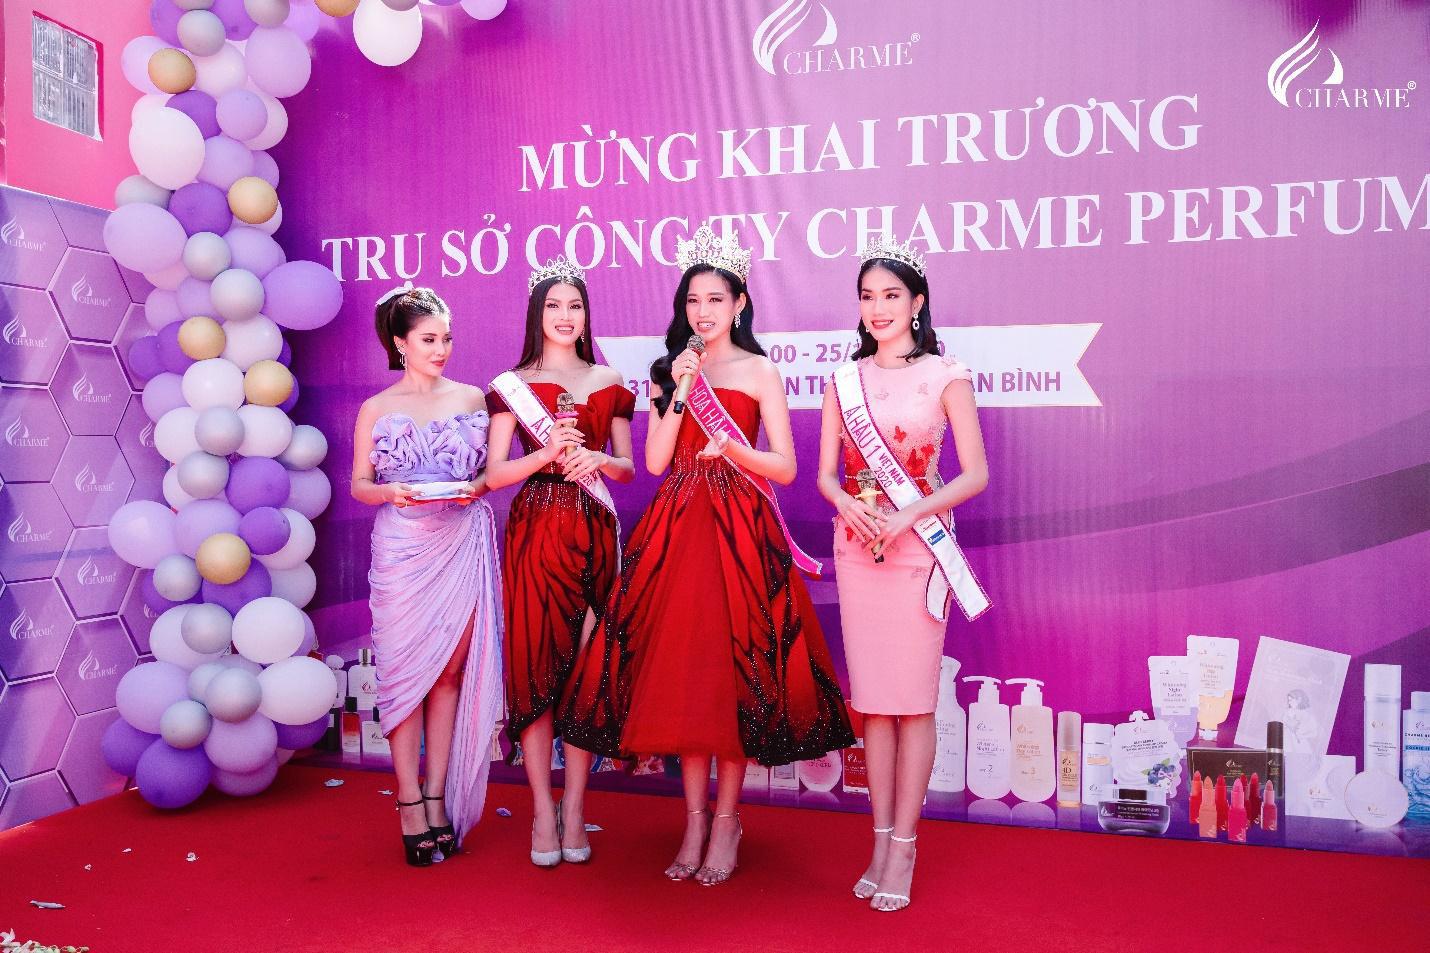 Top Hoa hậu Việt Nam 2020 đến chúc mừng nước hoa Charme khai trương trụ sở công ty tại TP.HCM - Ảnh 5.